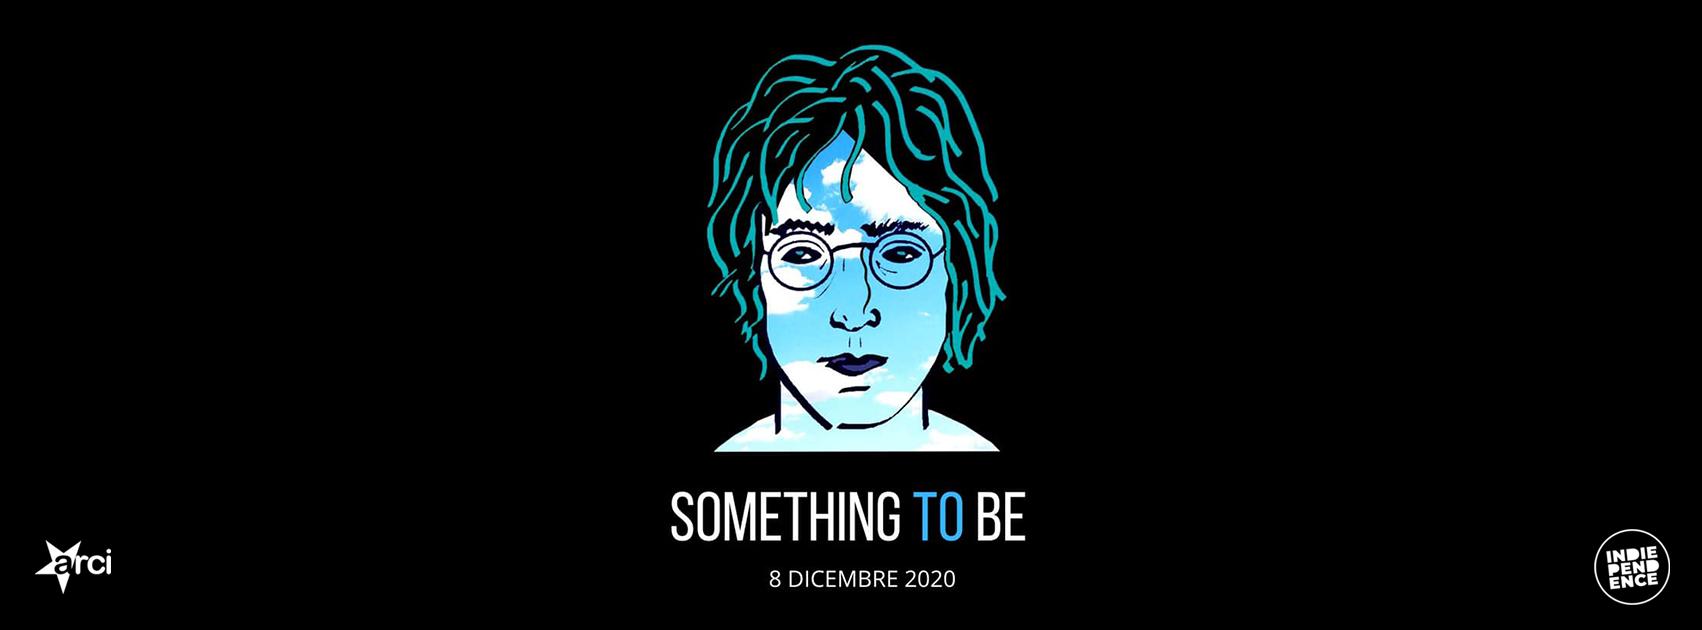 Something to be